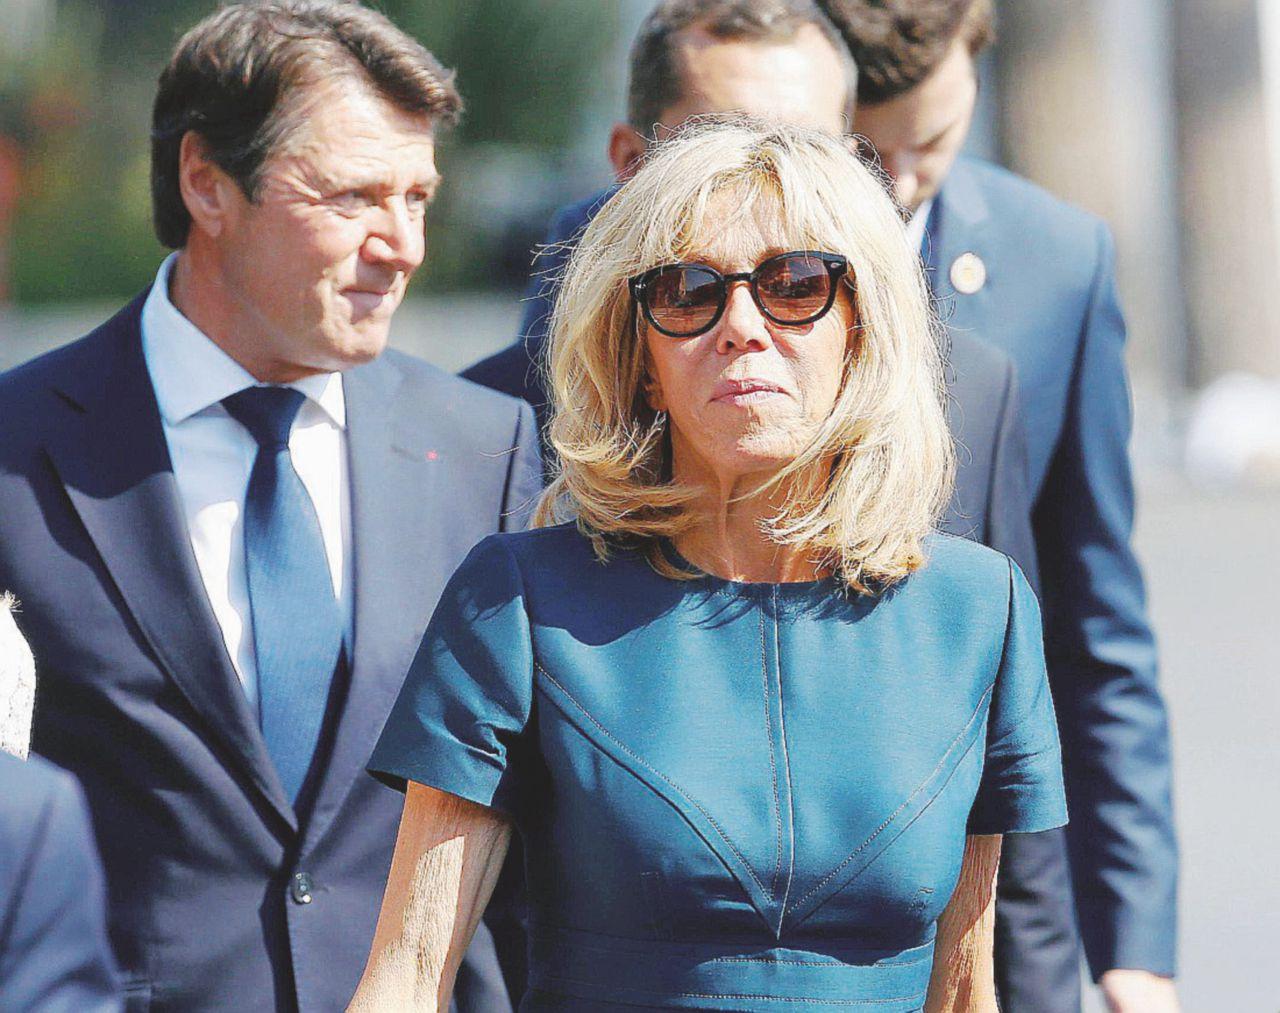 Brigitte Première Dame senza ufficio né stipendio